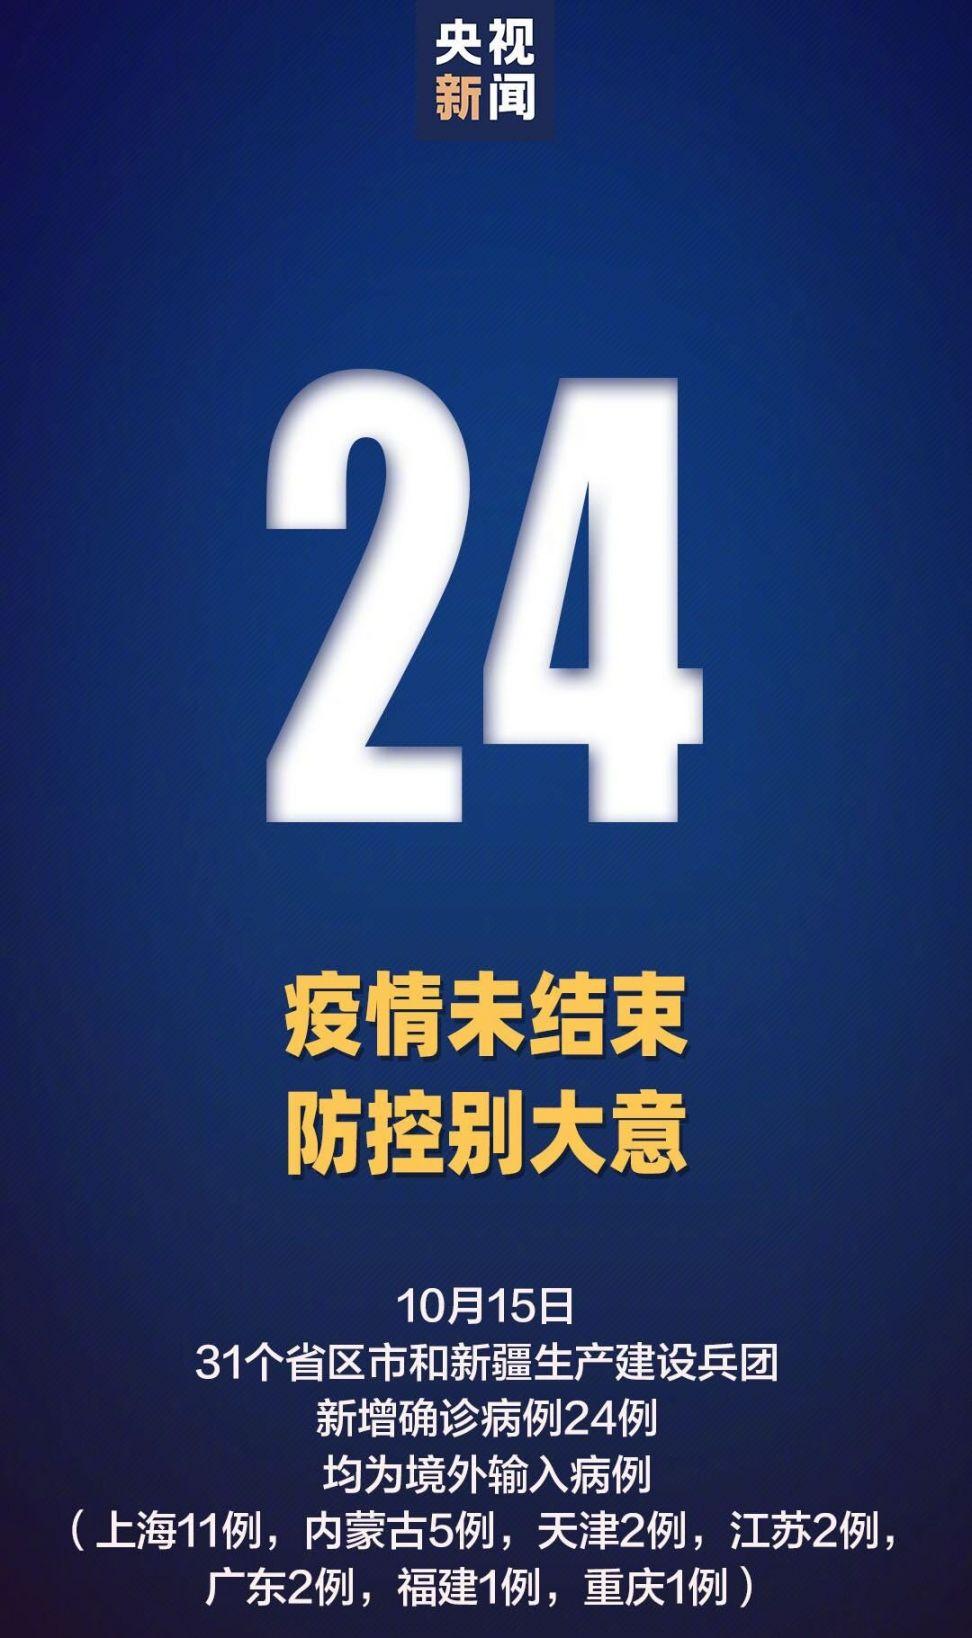 10月15日31省区市新增境外输入24例